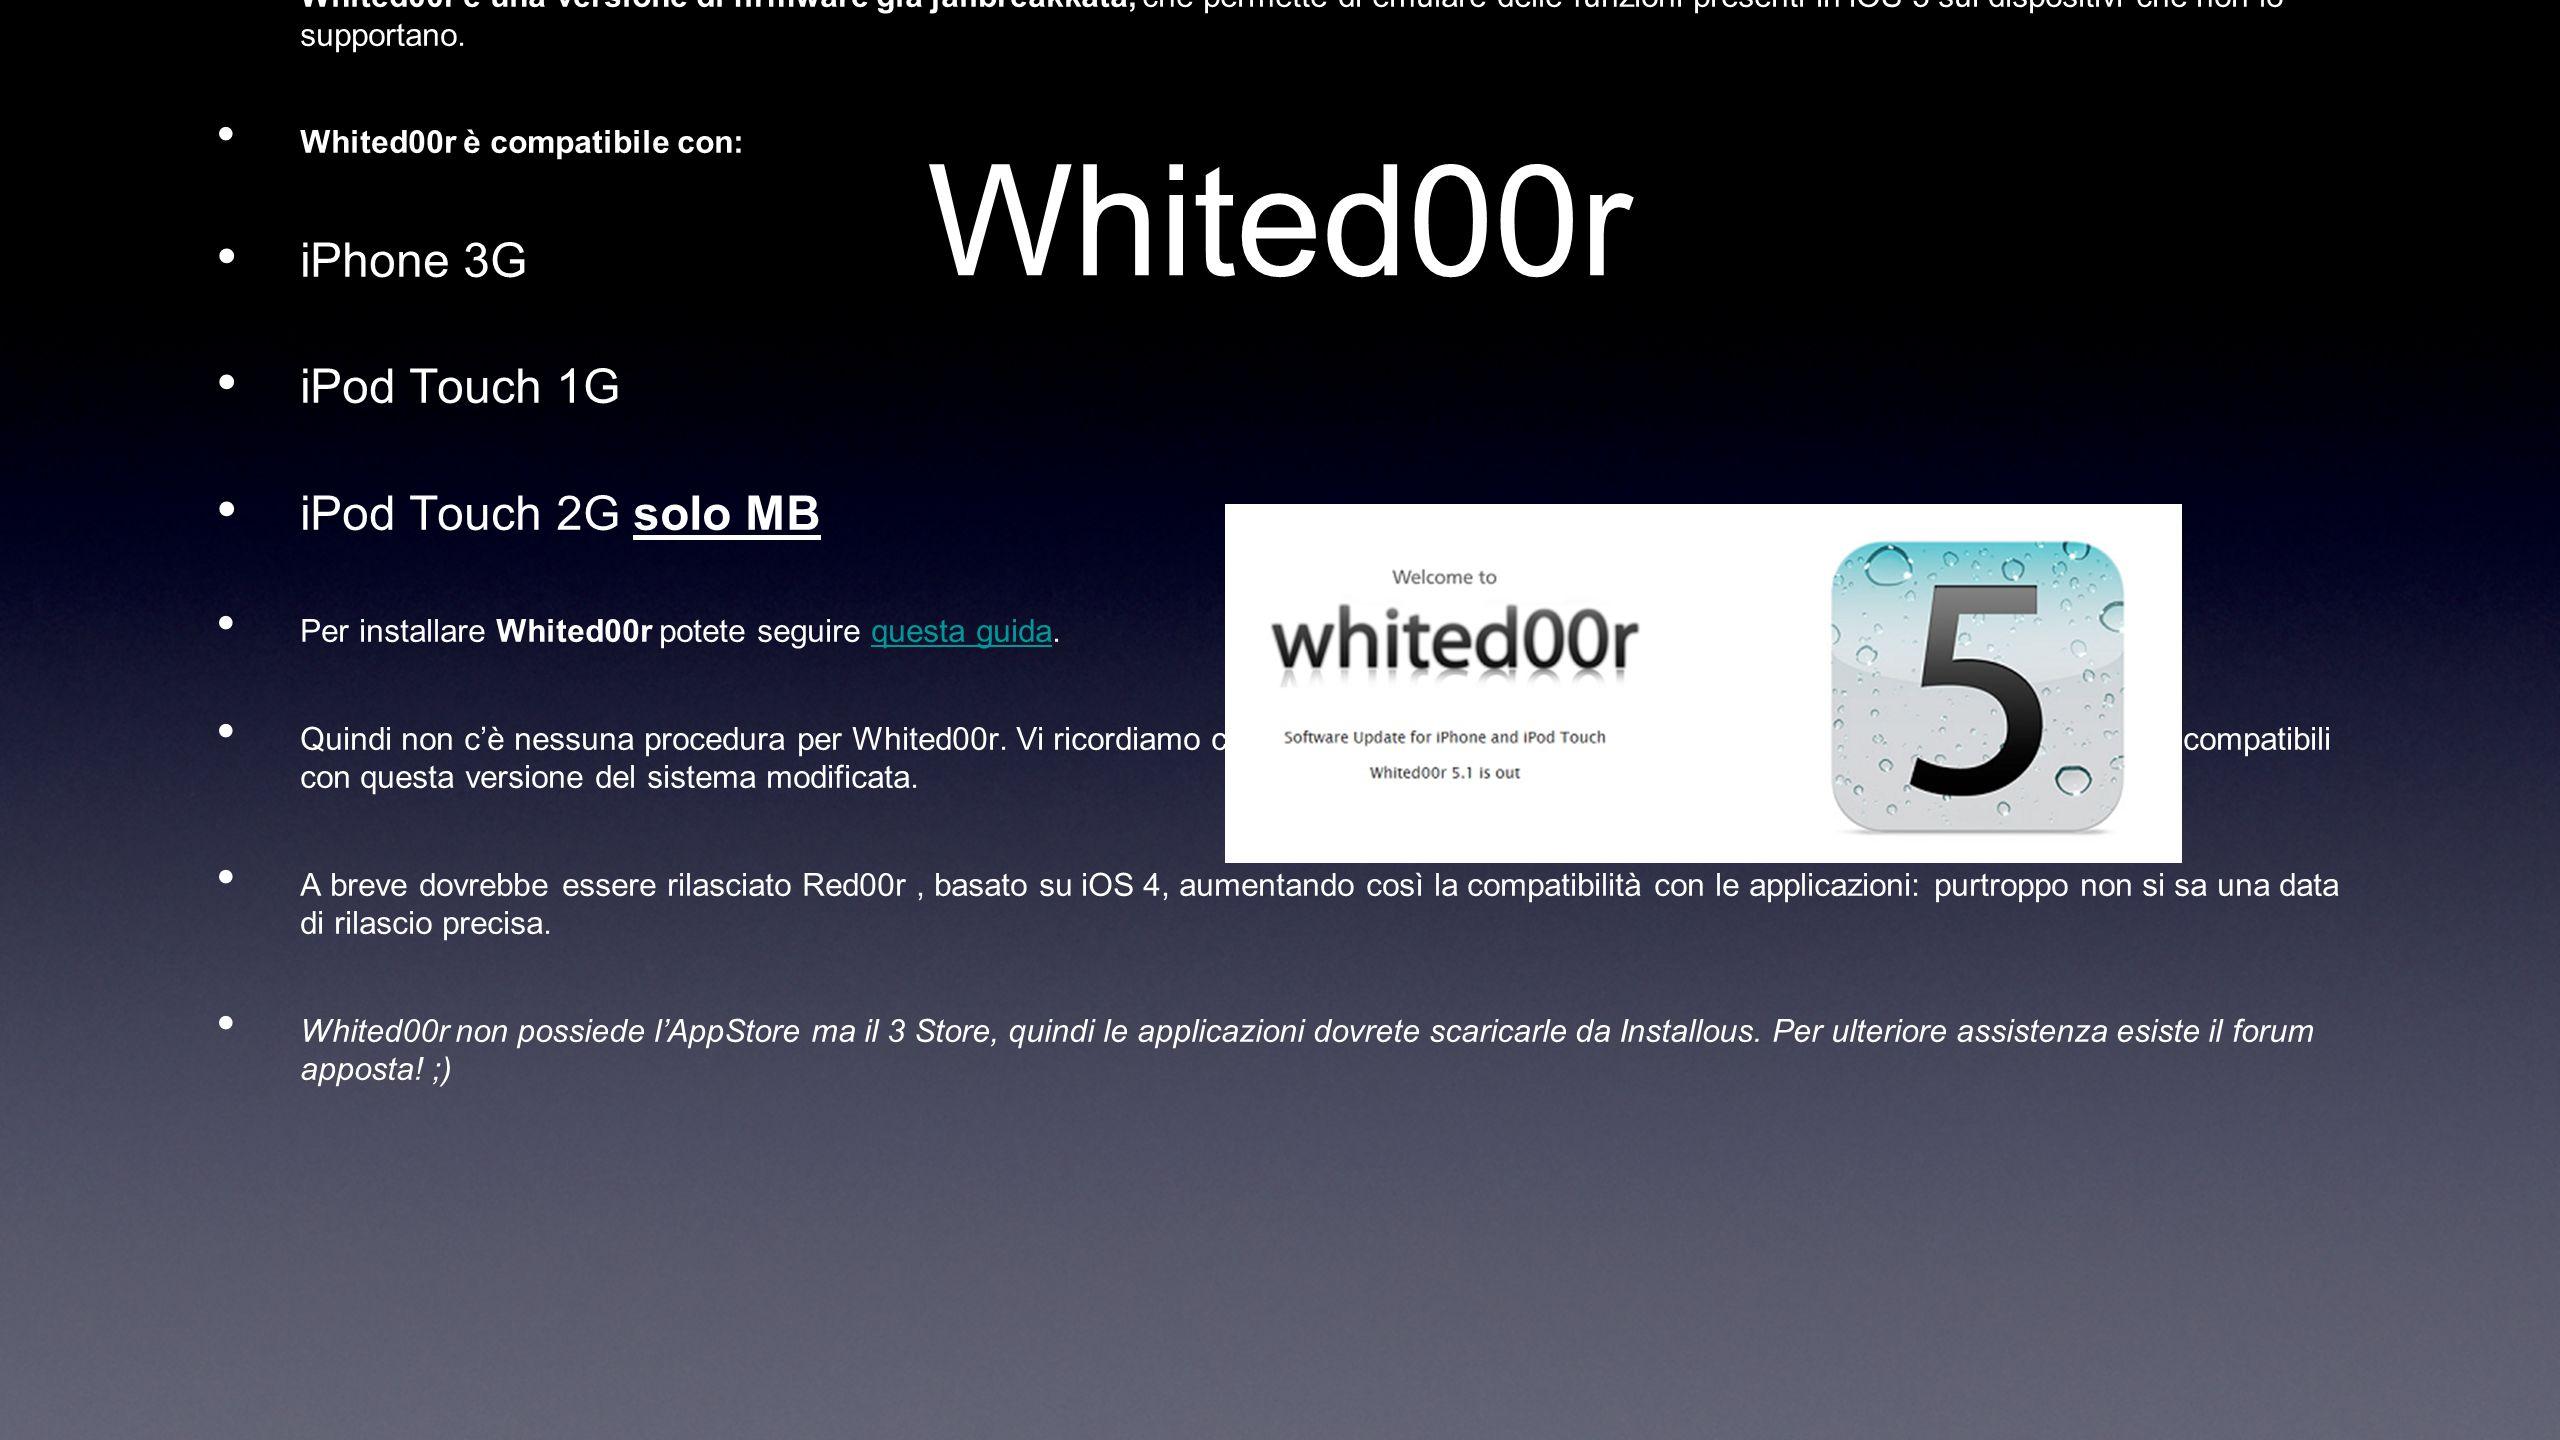 Whited00r Whited00r è una versione di firmware già jailbreakkata, che permette di emulare delle funzioni presenti in iOS 5 sui dispositivi che non lo